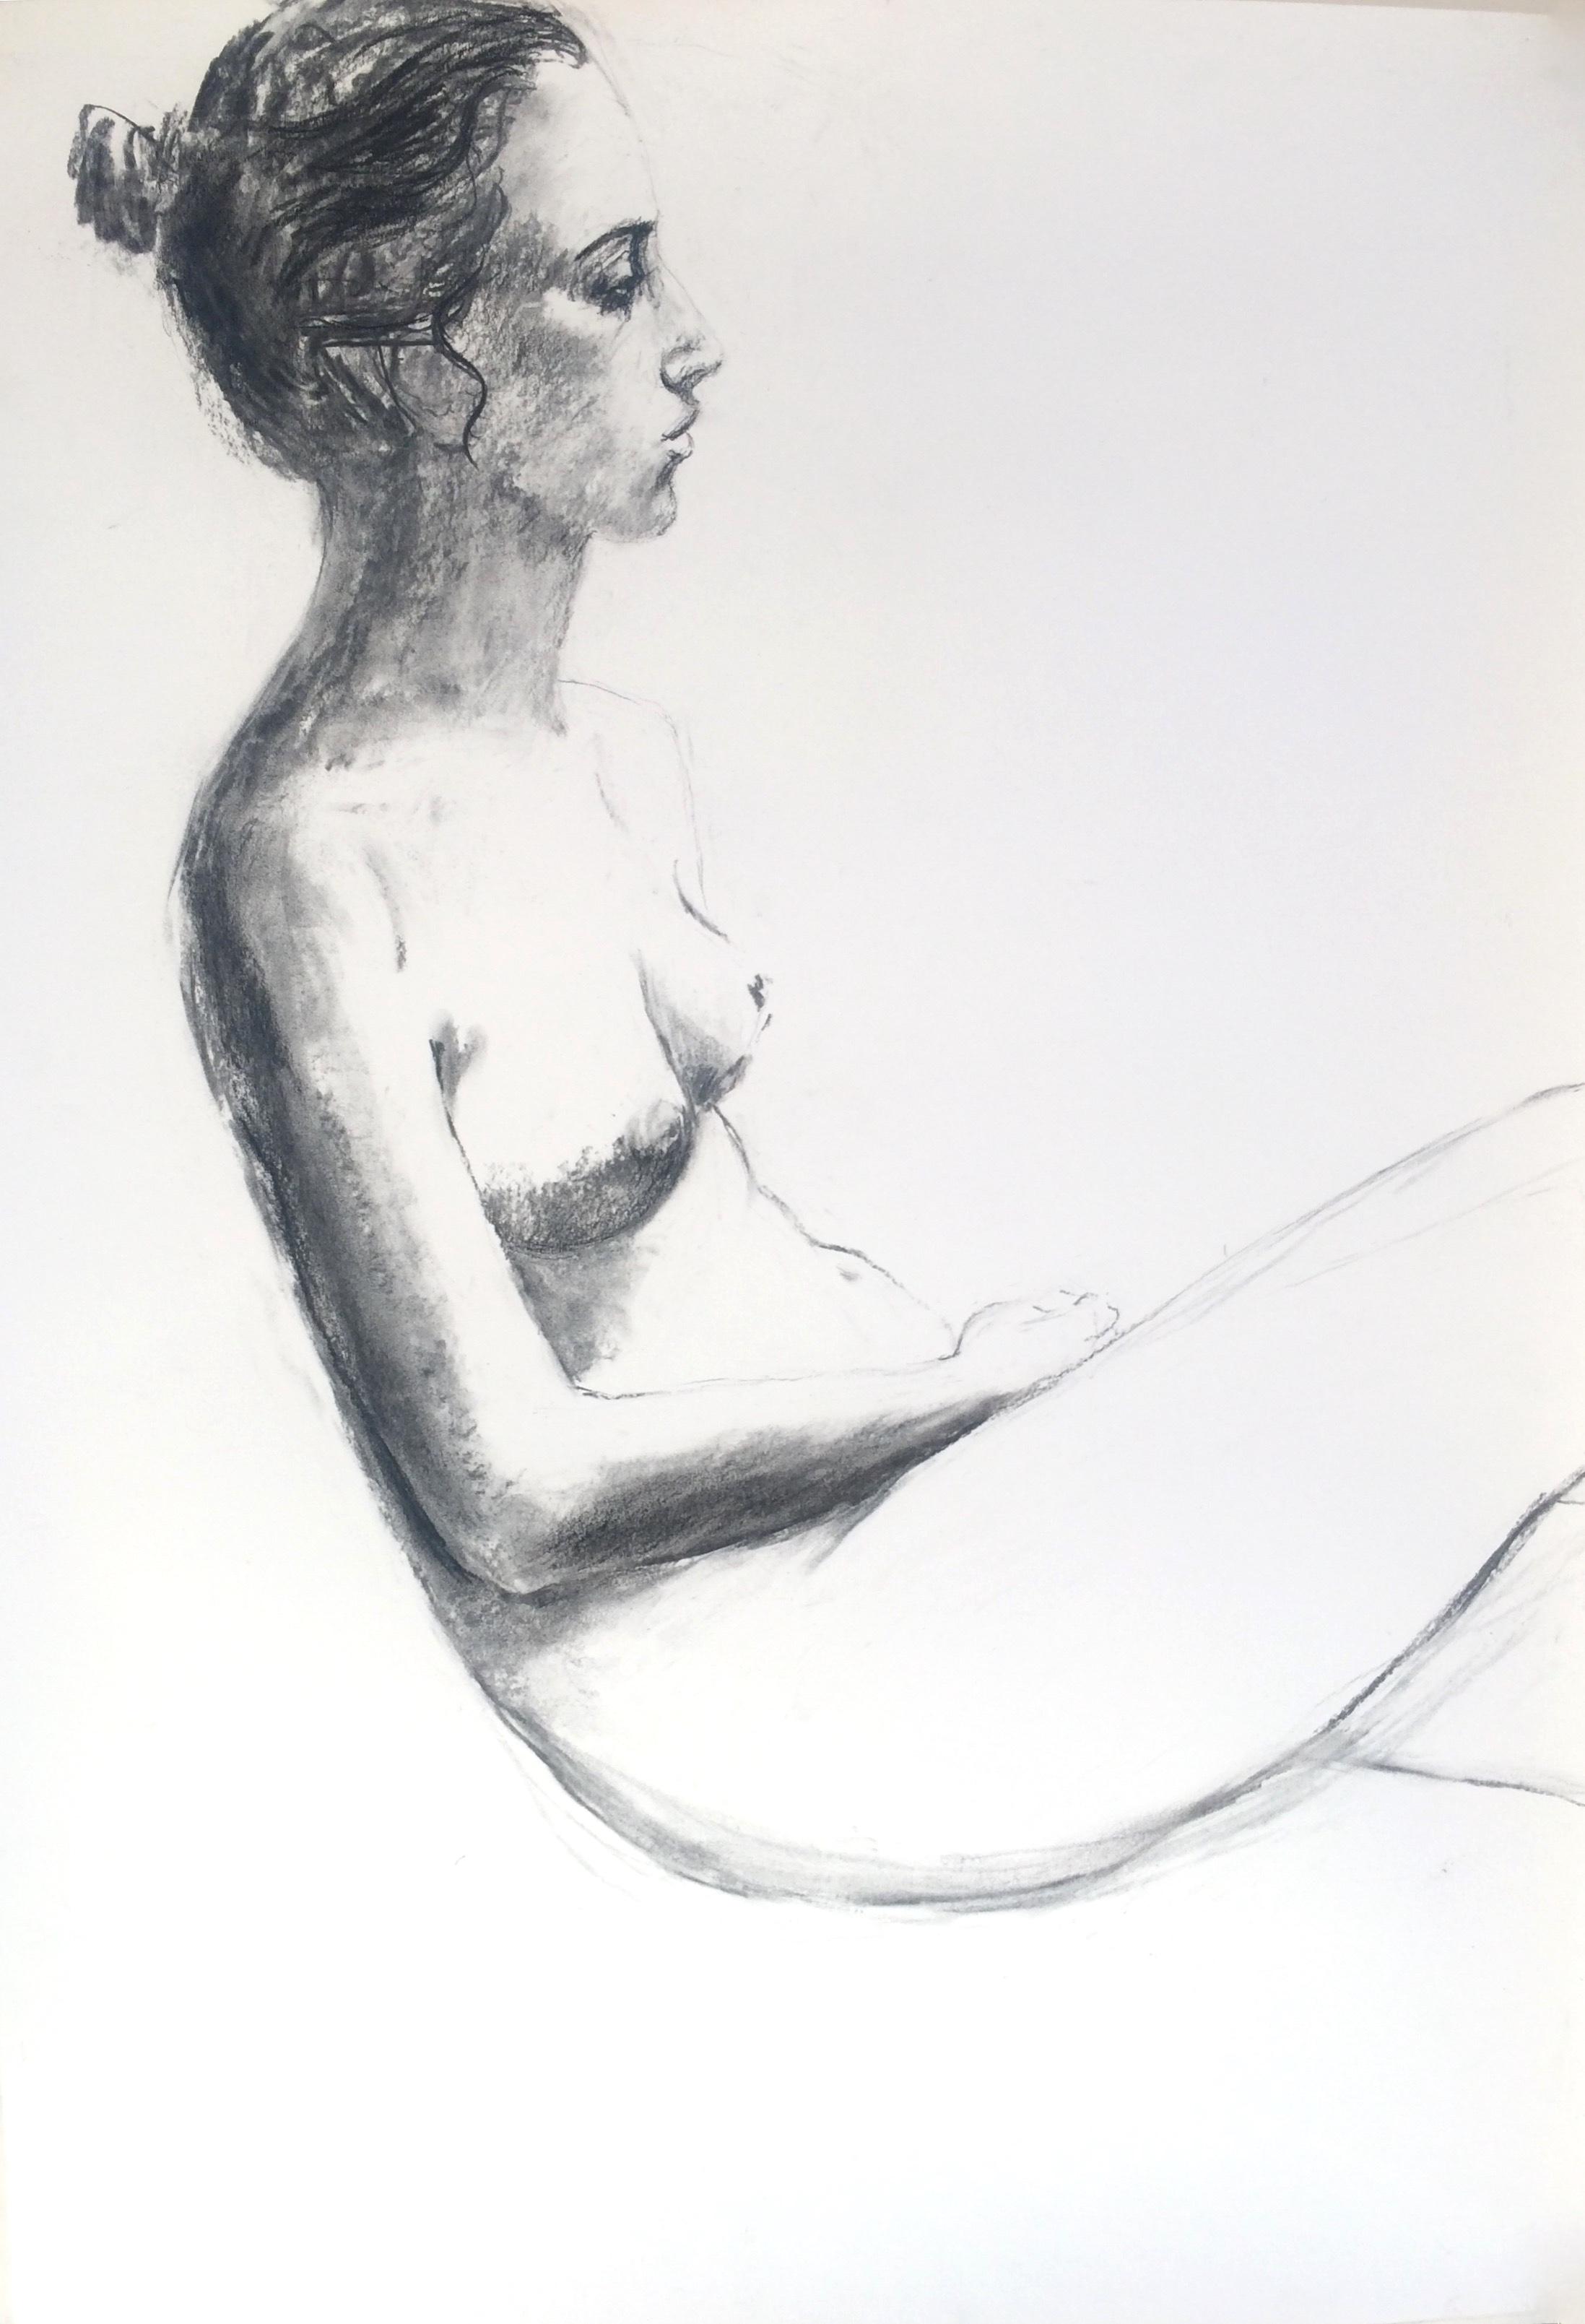 Laura 84 x 60 cm